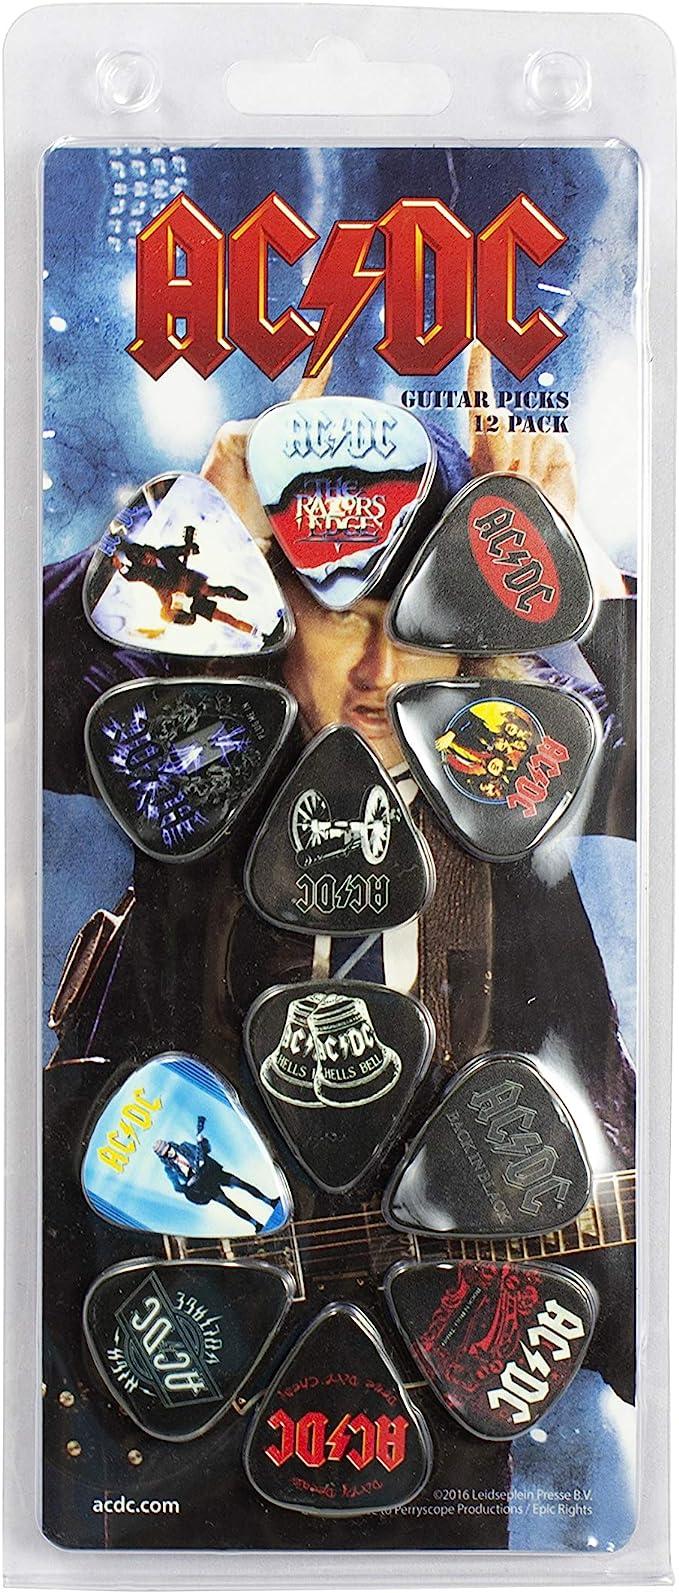 Perris Rush Licensed Guitar Picks 12 Pack